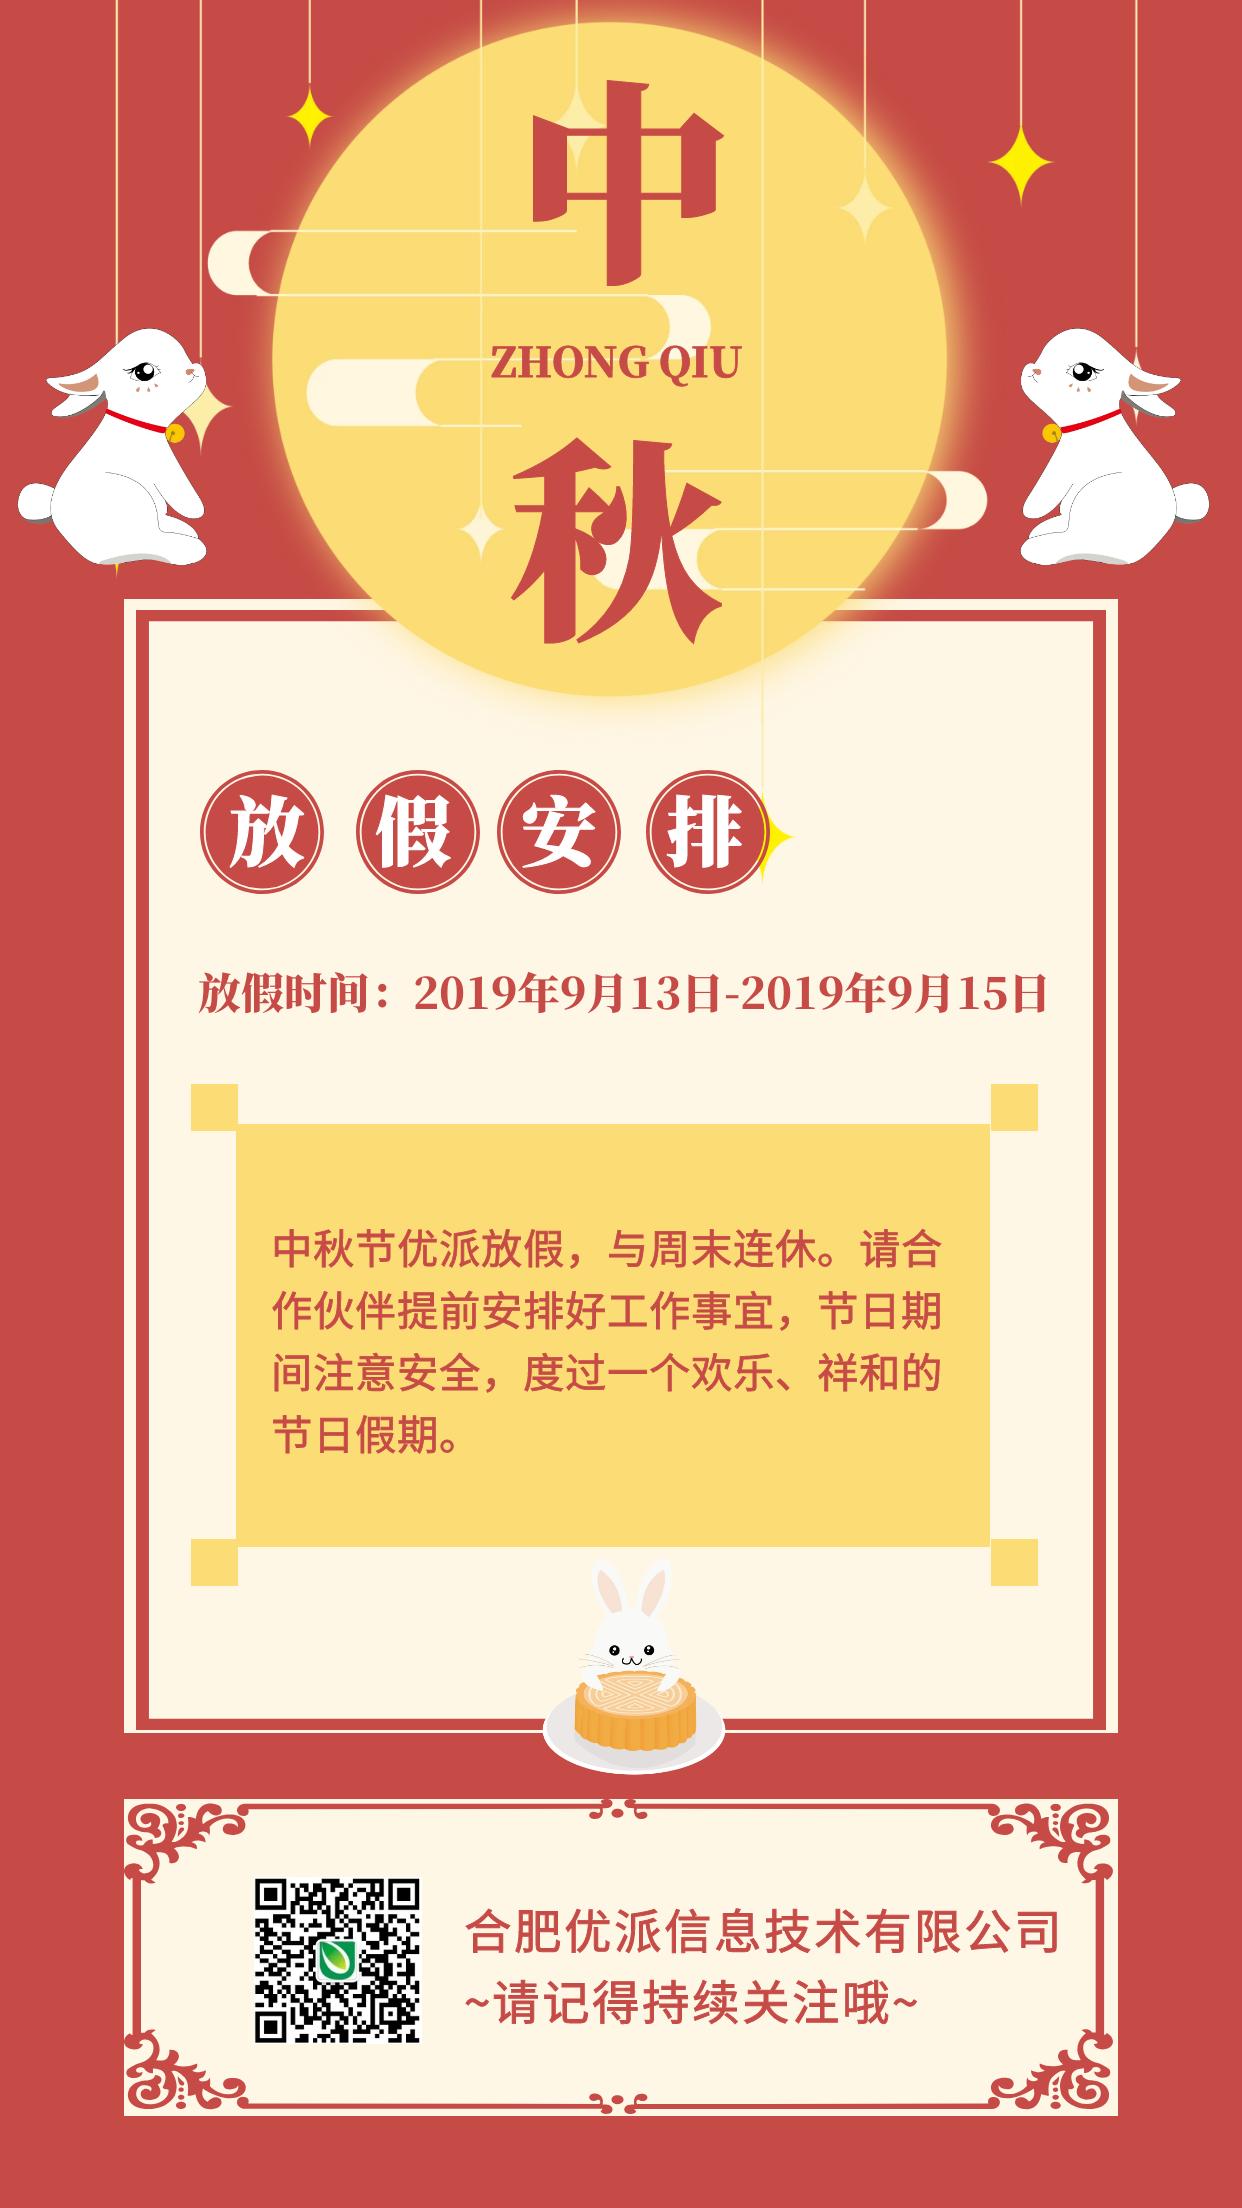 2019年-优派-中秋节放假通知